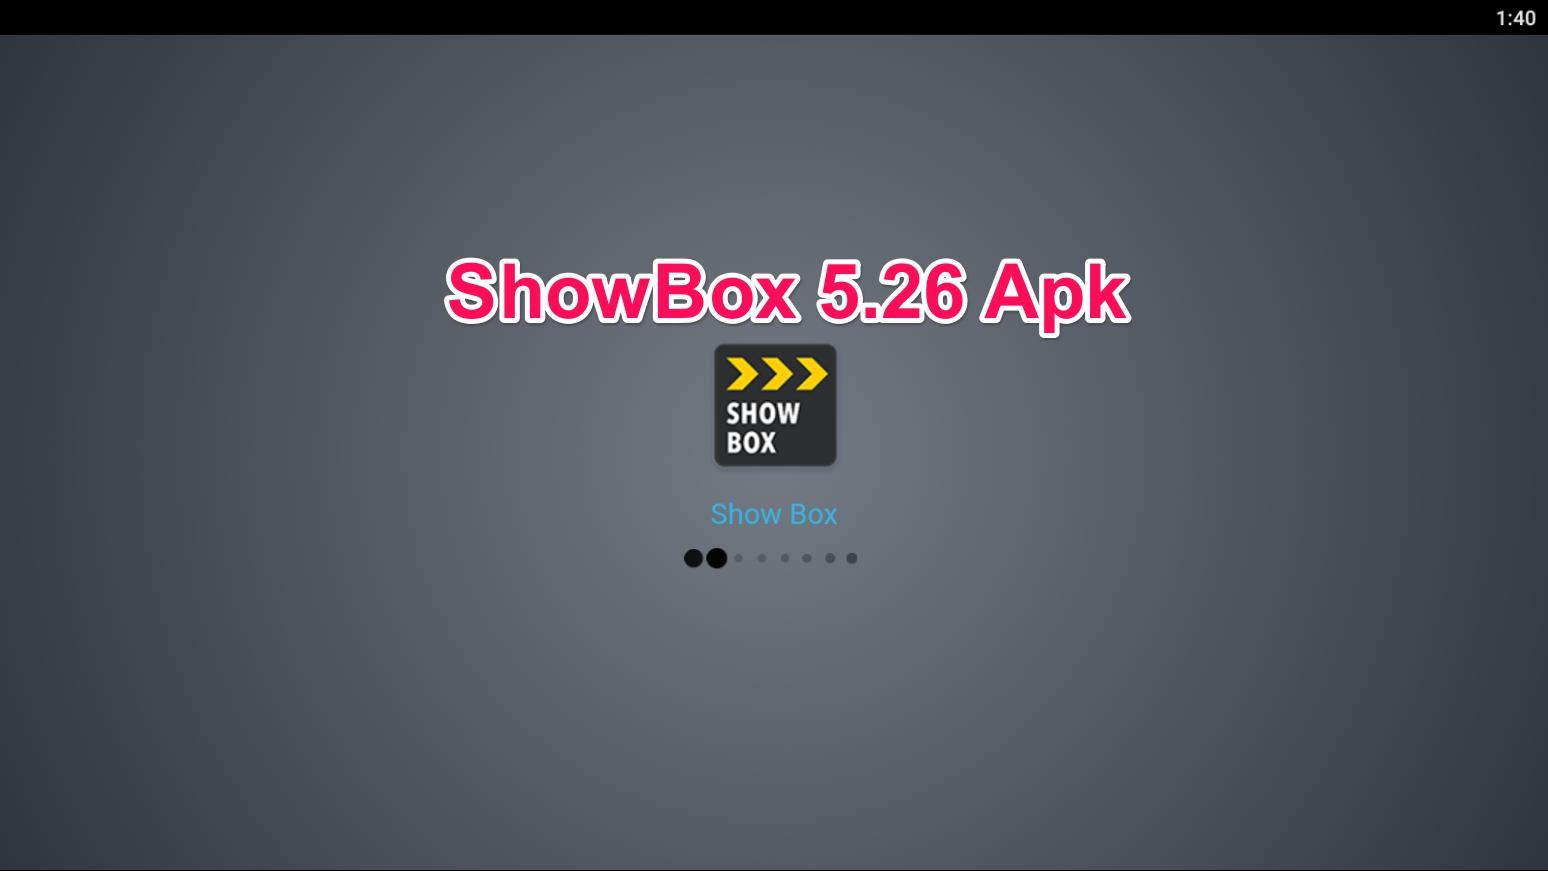 Showbox-5.26-APK